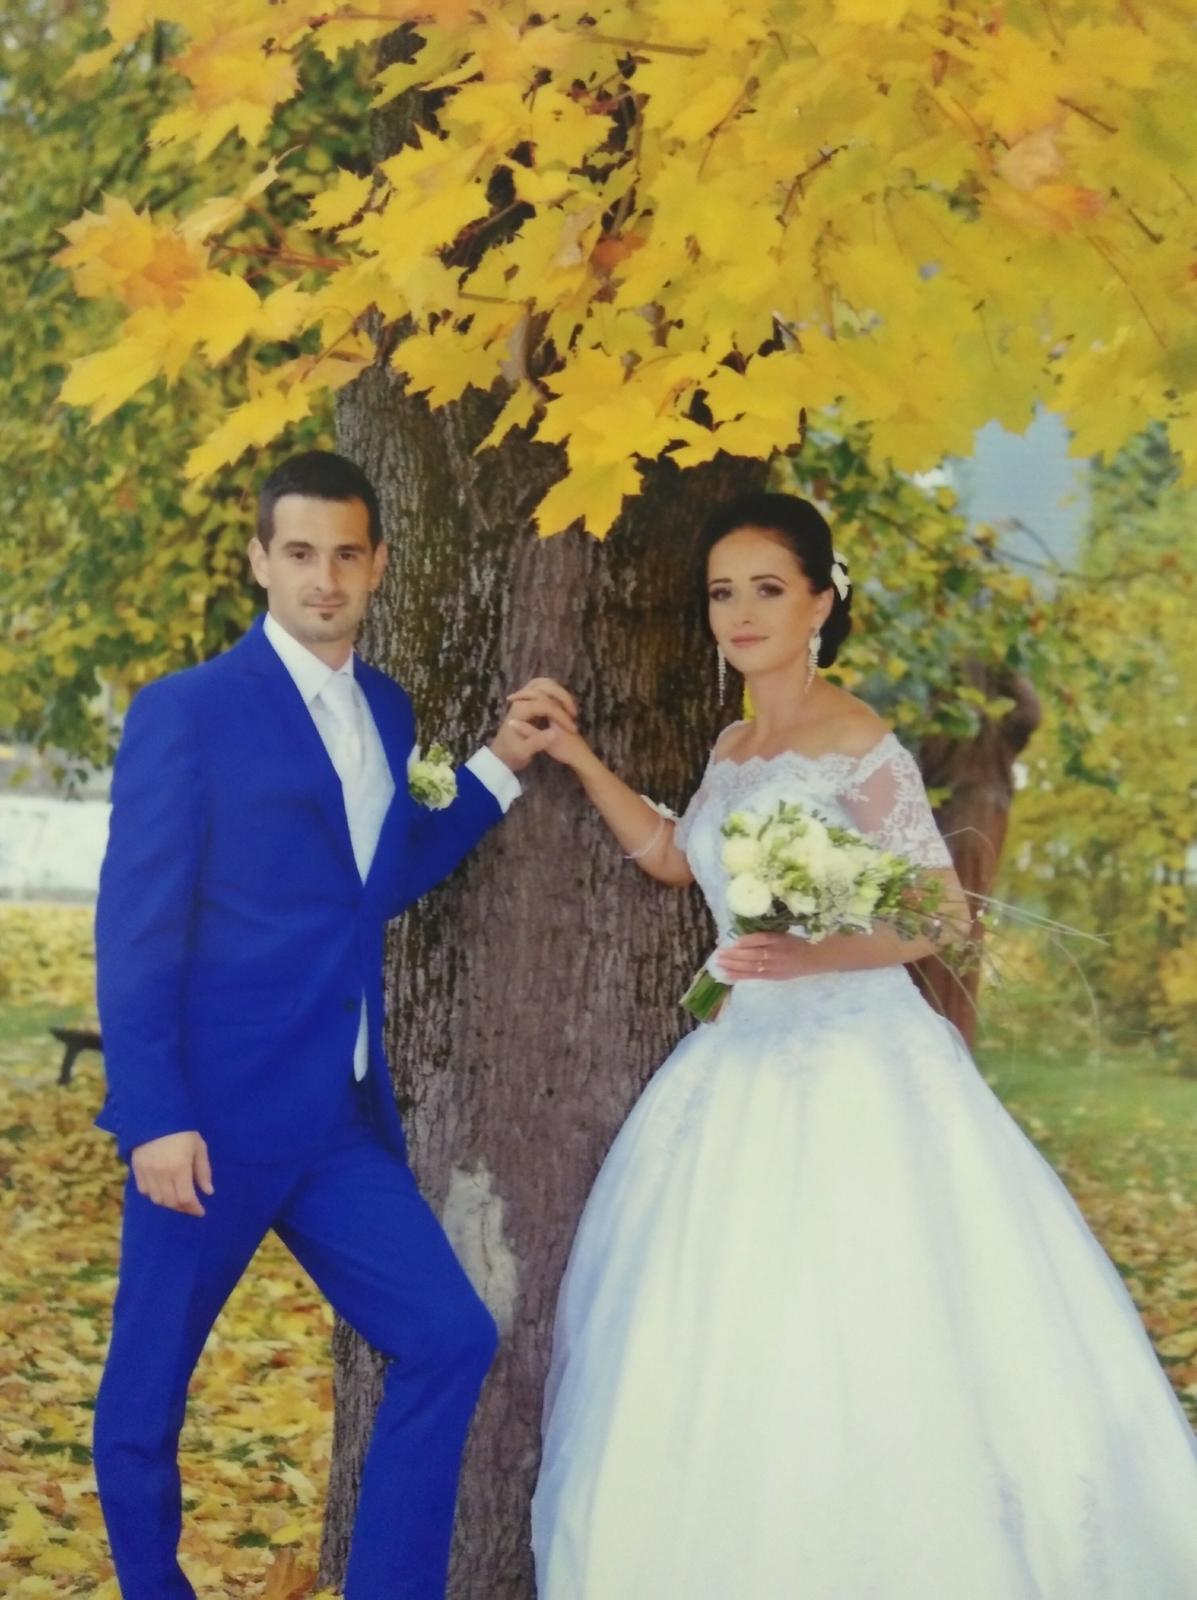 Mali sme svadbu v... - Obrázok č. 1